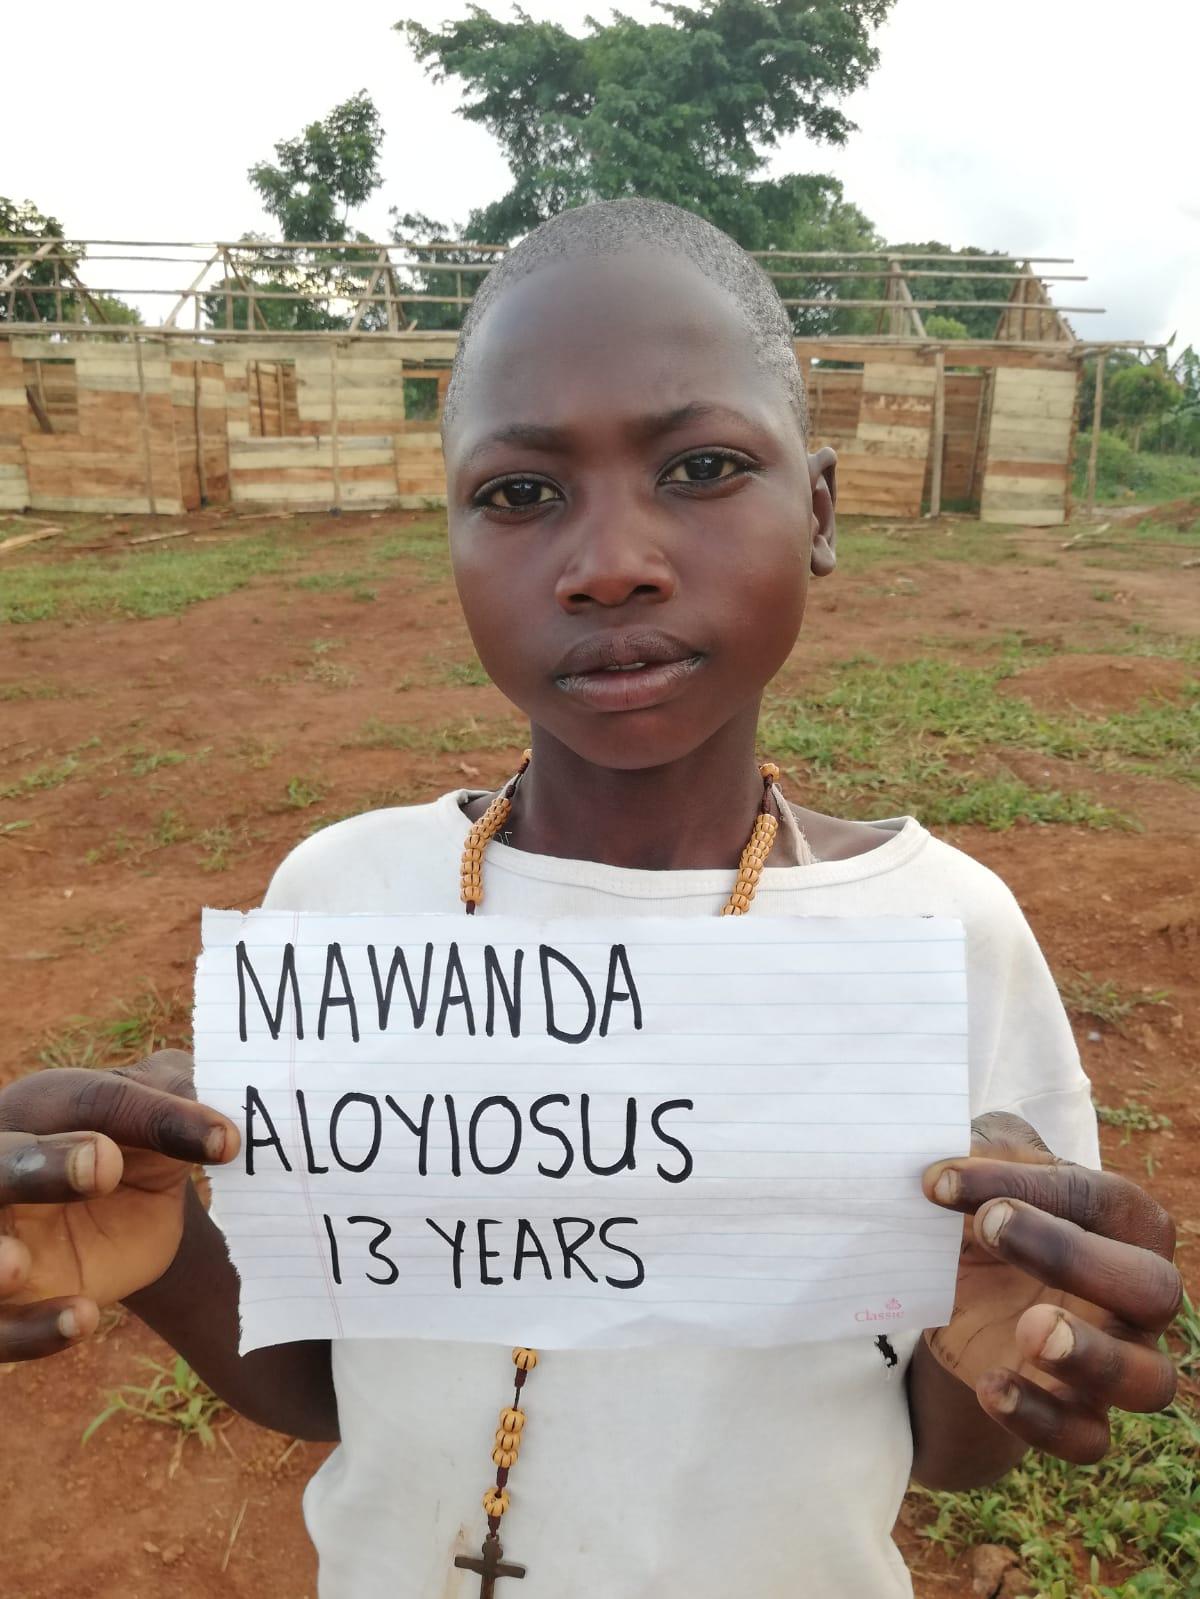 Mawanda,Aloyiosus